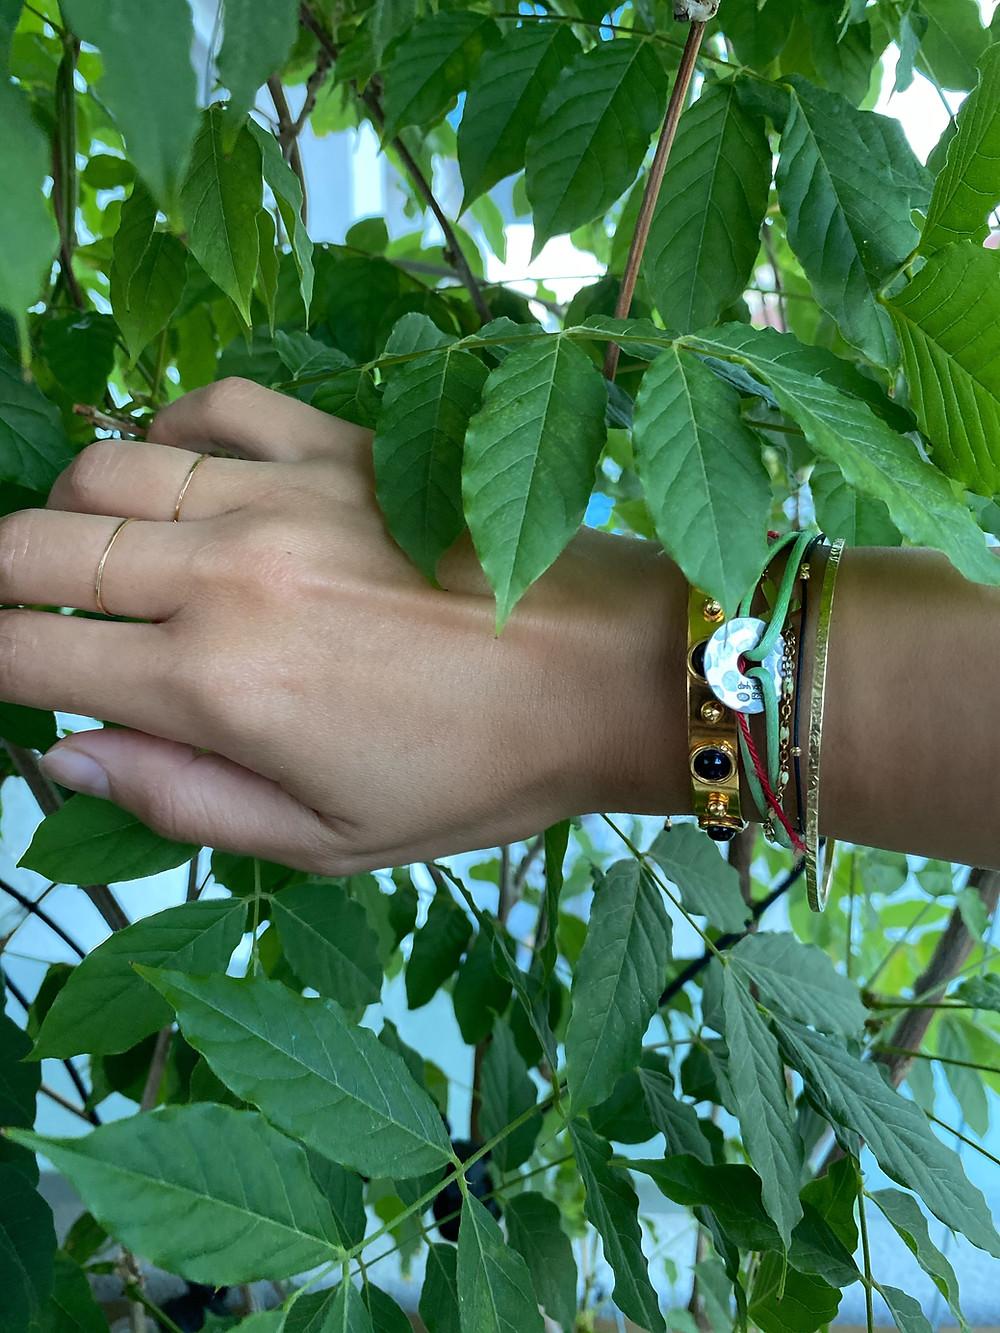 Les bijoux d'Inès Leonarduzzi : ses deux bagues fines en or, un bracelet Sylvia Toledano et un bracelet 5 Octobre